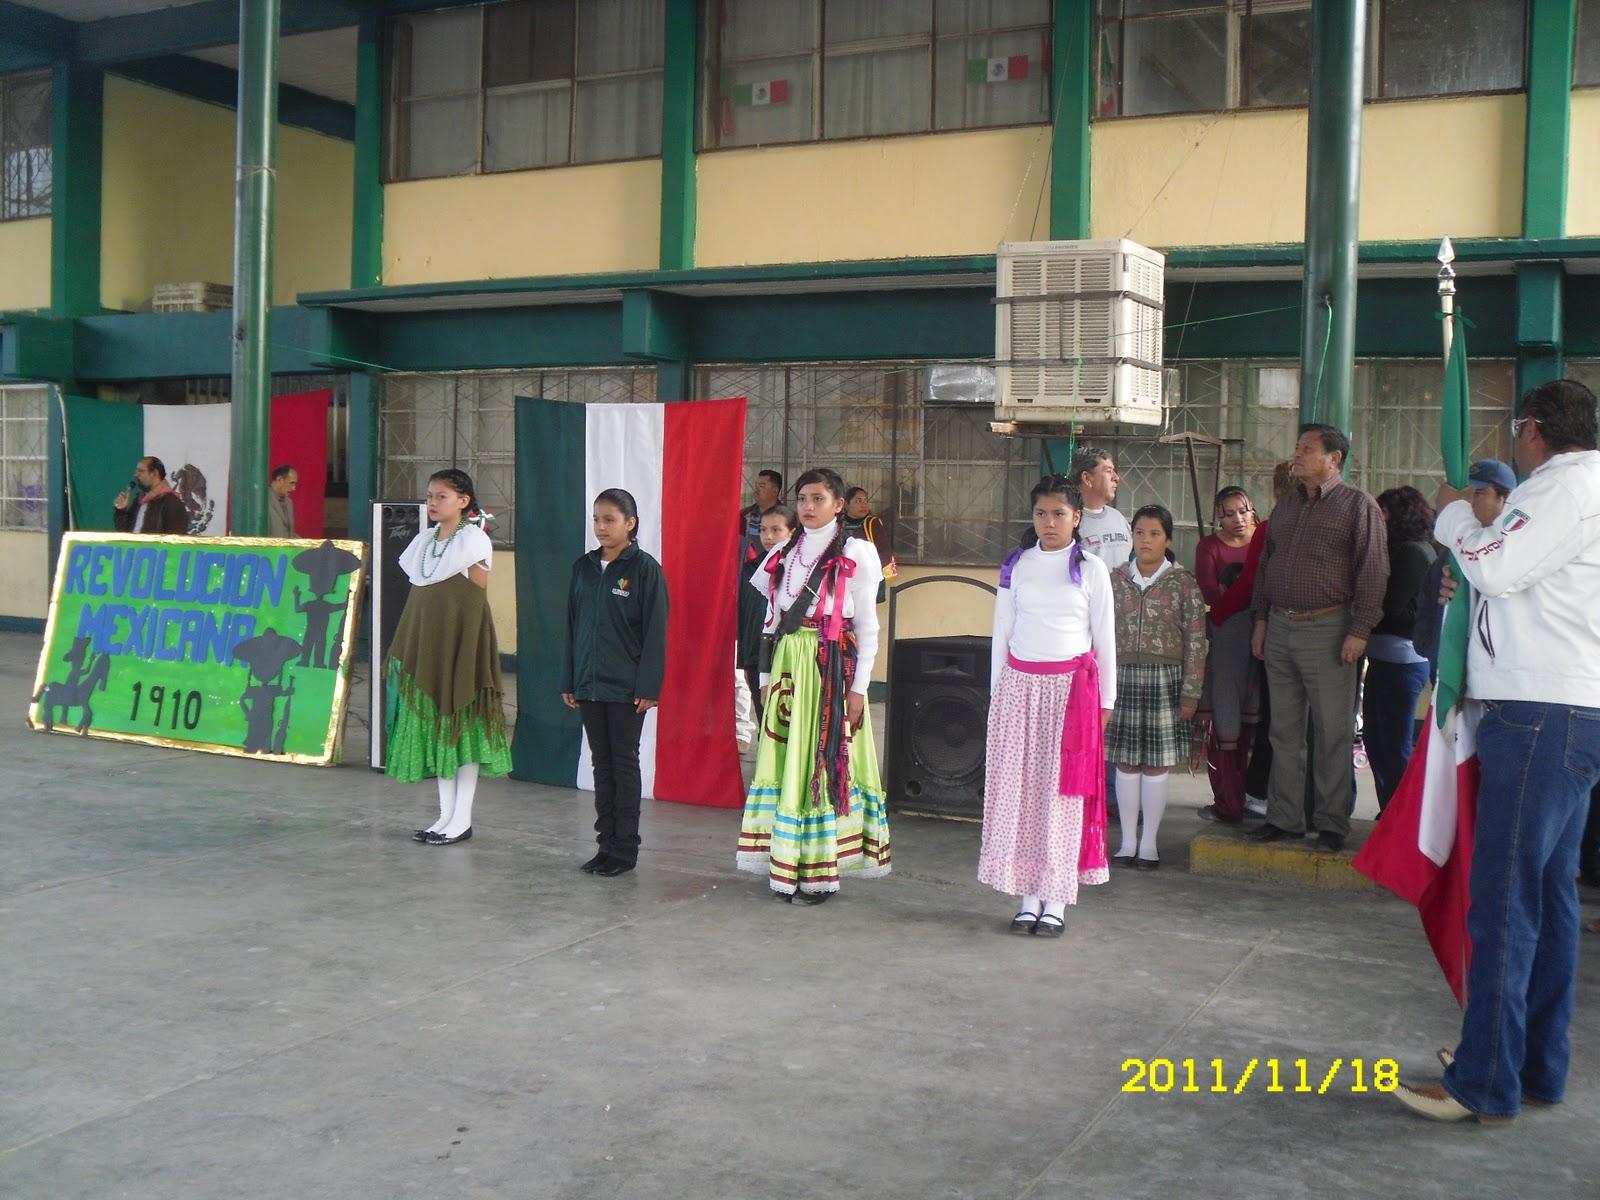 Celebración del Aniversario del Inicio de la Revolución Mexicana